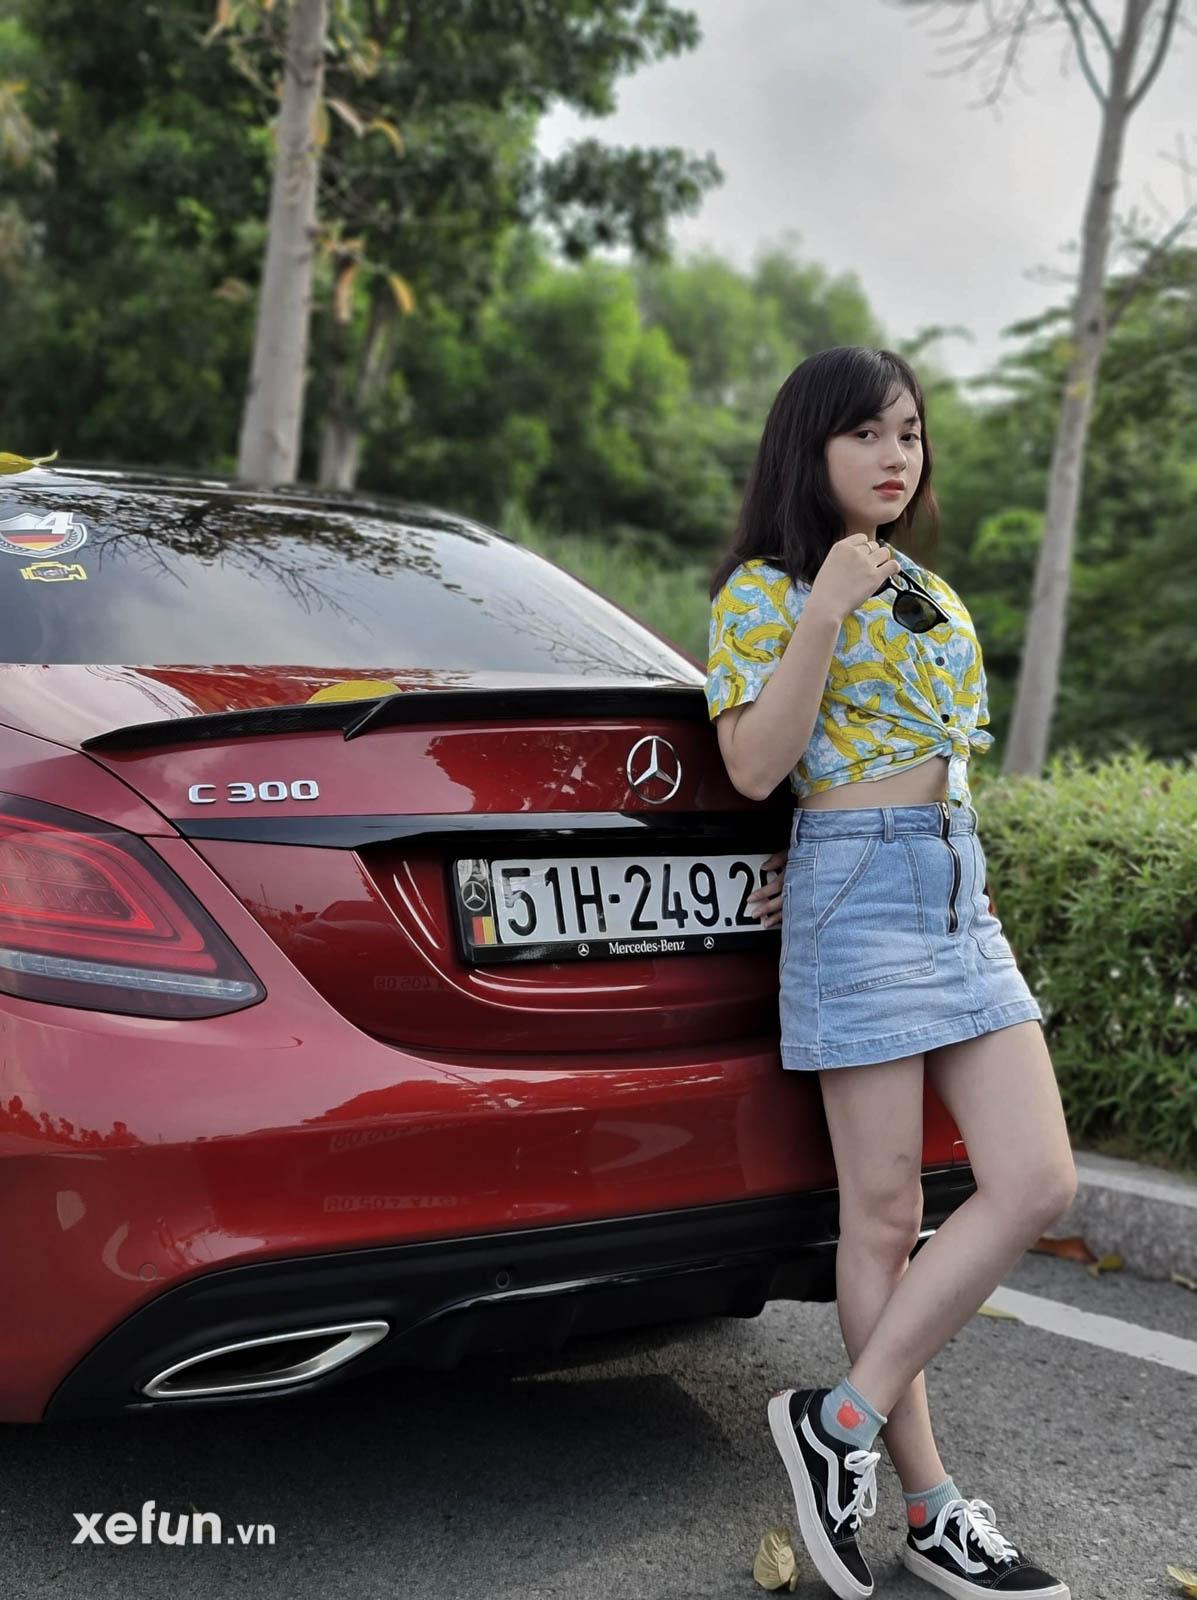 Summer Trip Mãn nhãn với dàn siêu xe tiền tỷ tại buổi offline của Hội Yêu Xe Đức Xefun - 235456